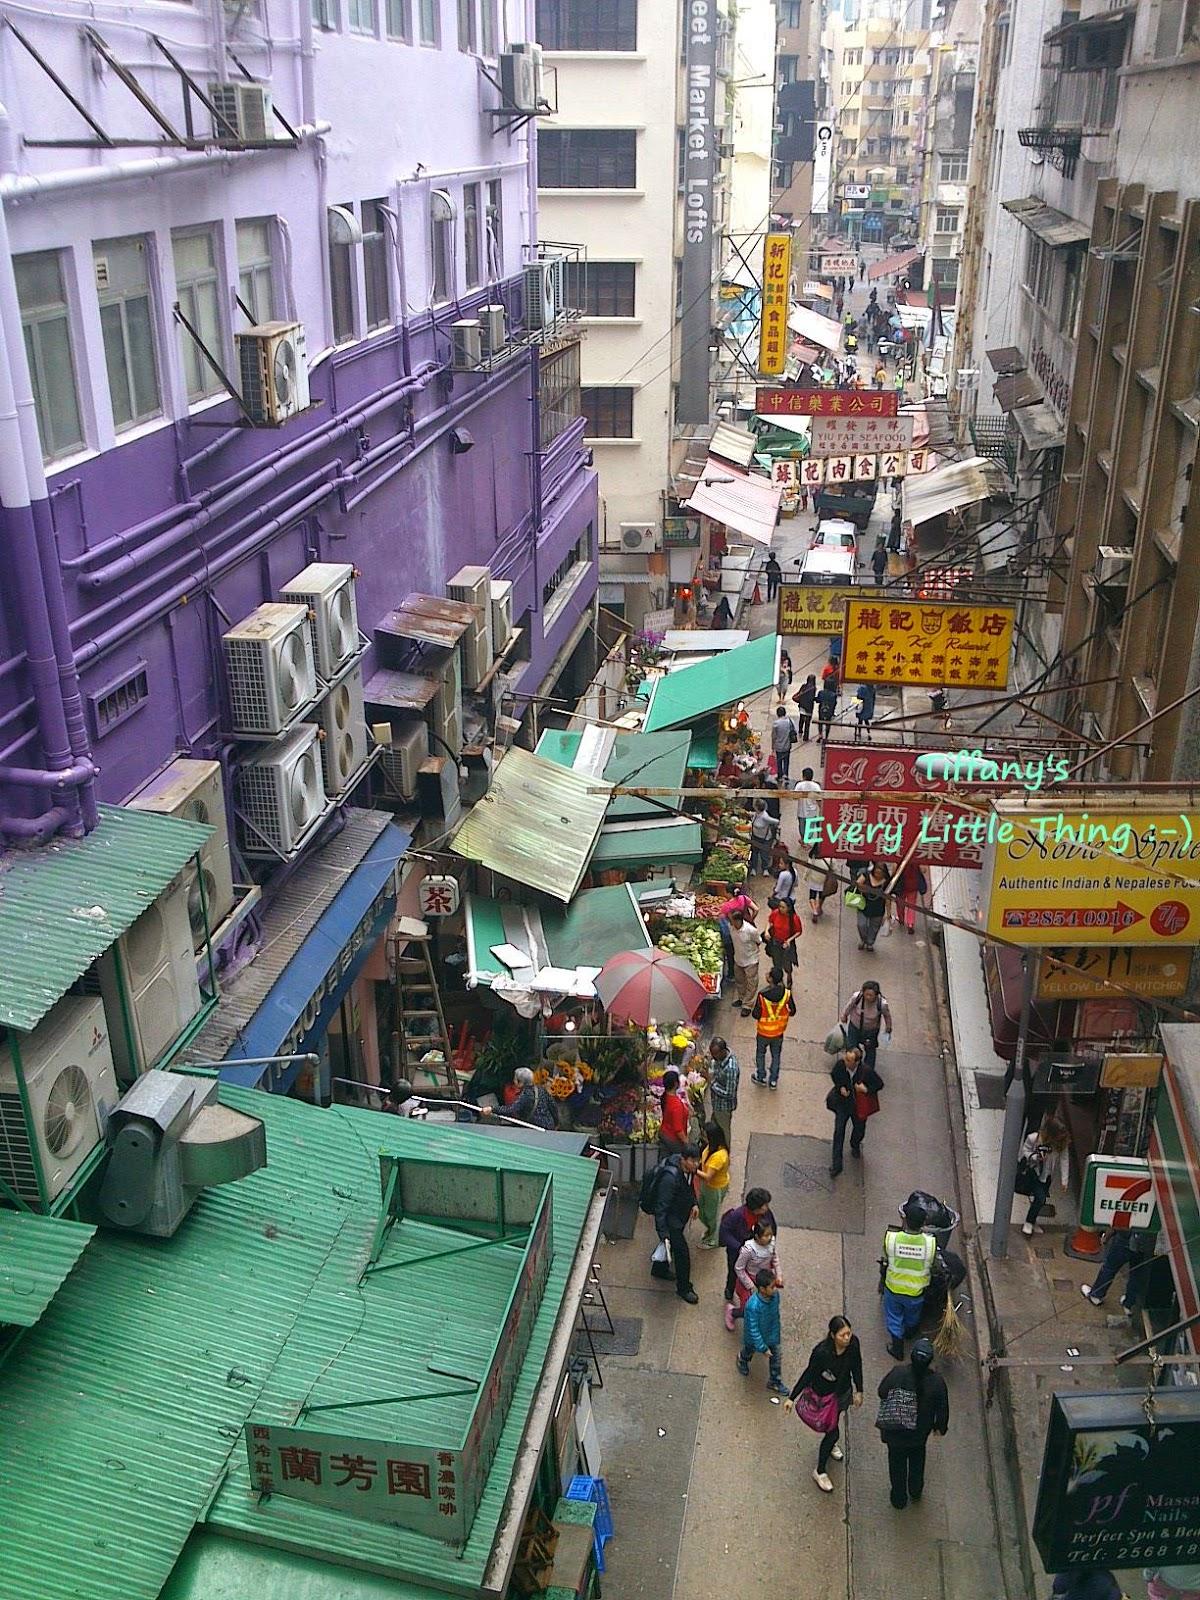 Tiffany's Every Little Thing: [365+364/365] 香港中環─半山手扶梯蘭芳園:絲襪奶茶滑滑滑